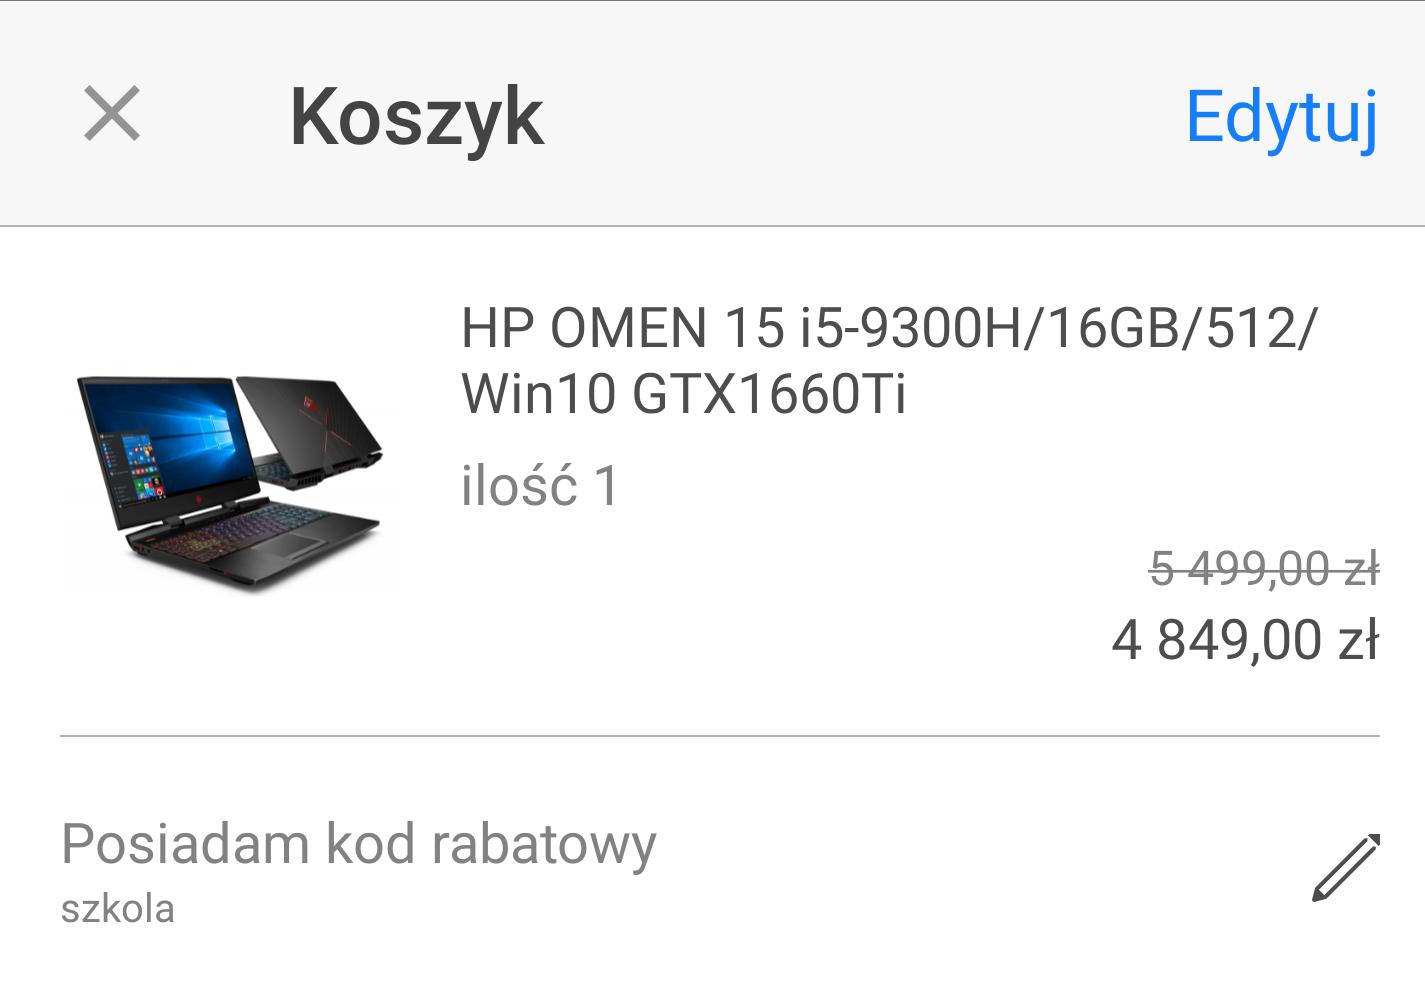 HP OMEN 15 i5-9300H/16GB/512/Win10 GTX1660Ti/THUNDERBOLT